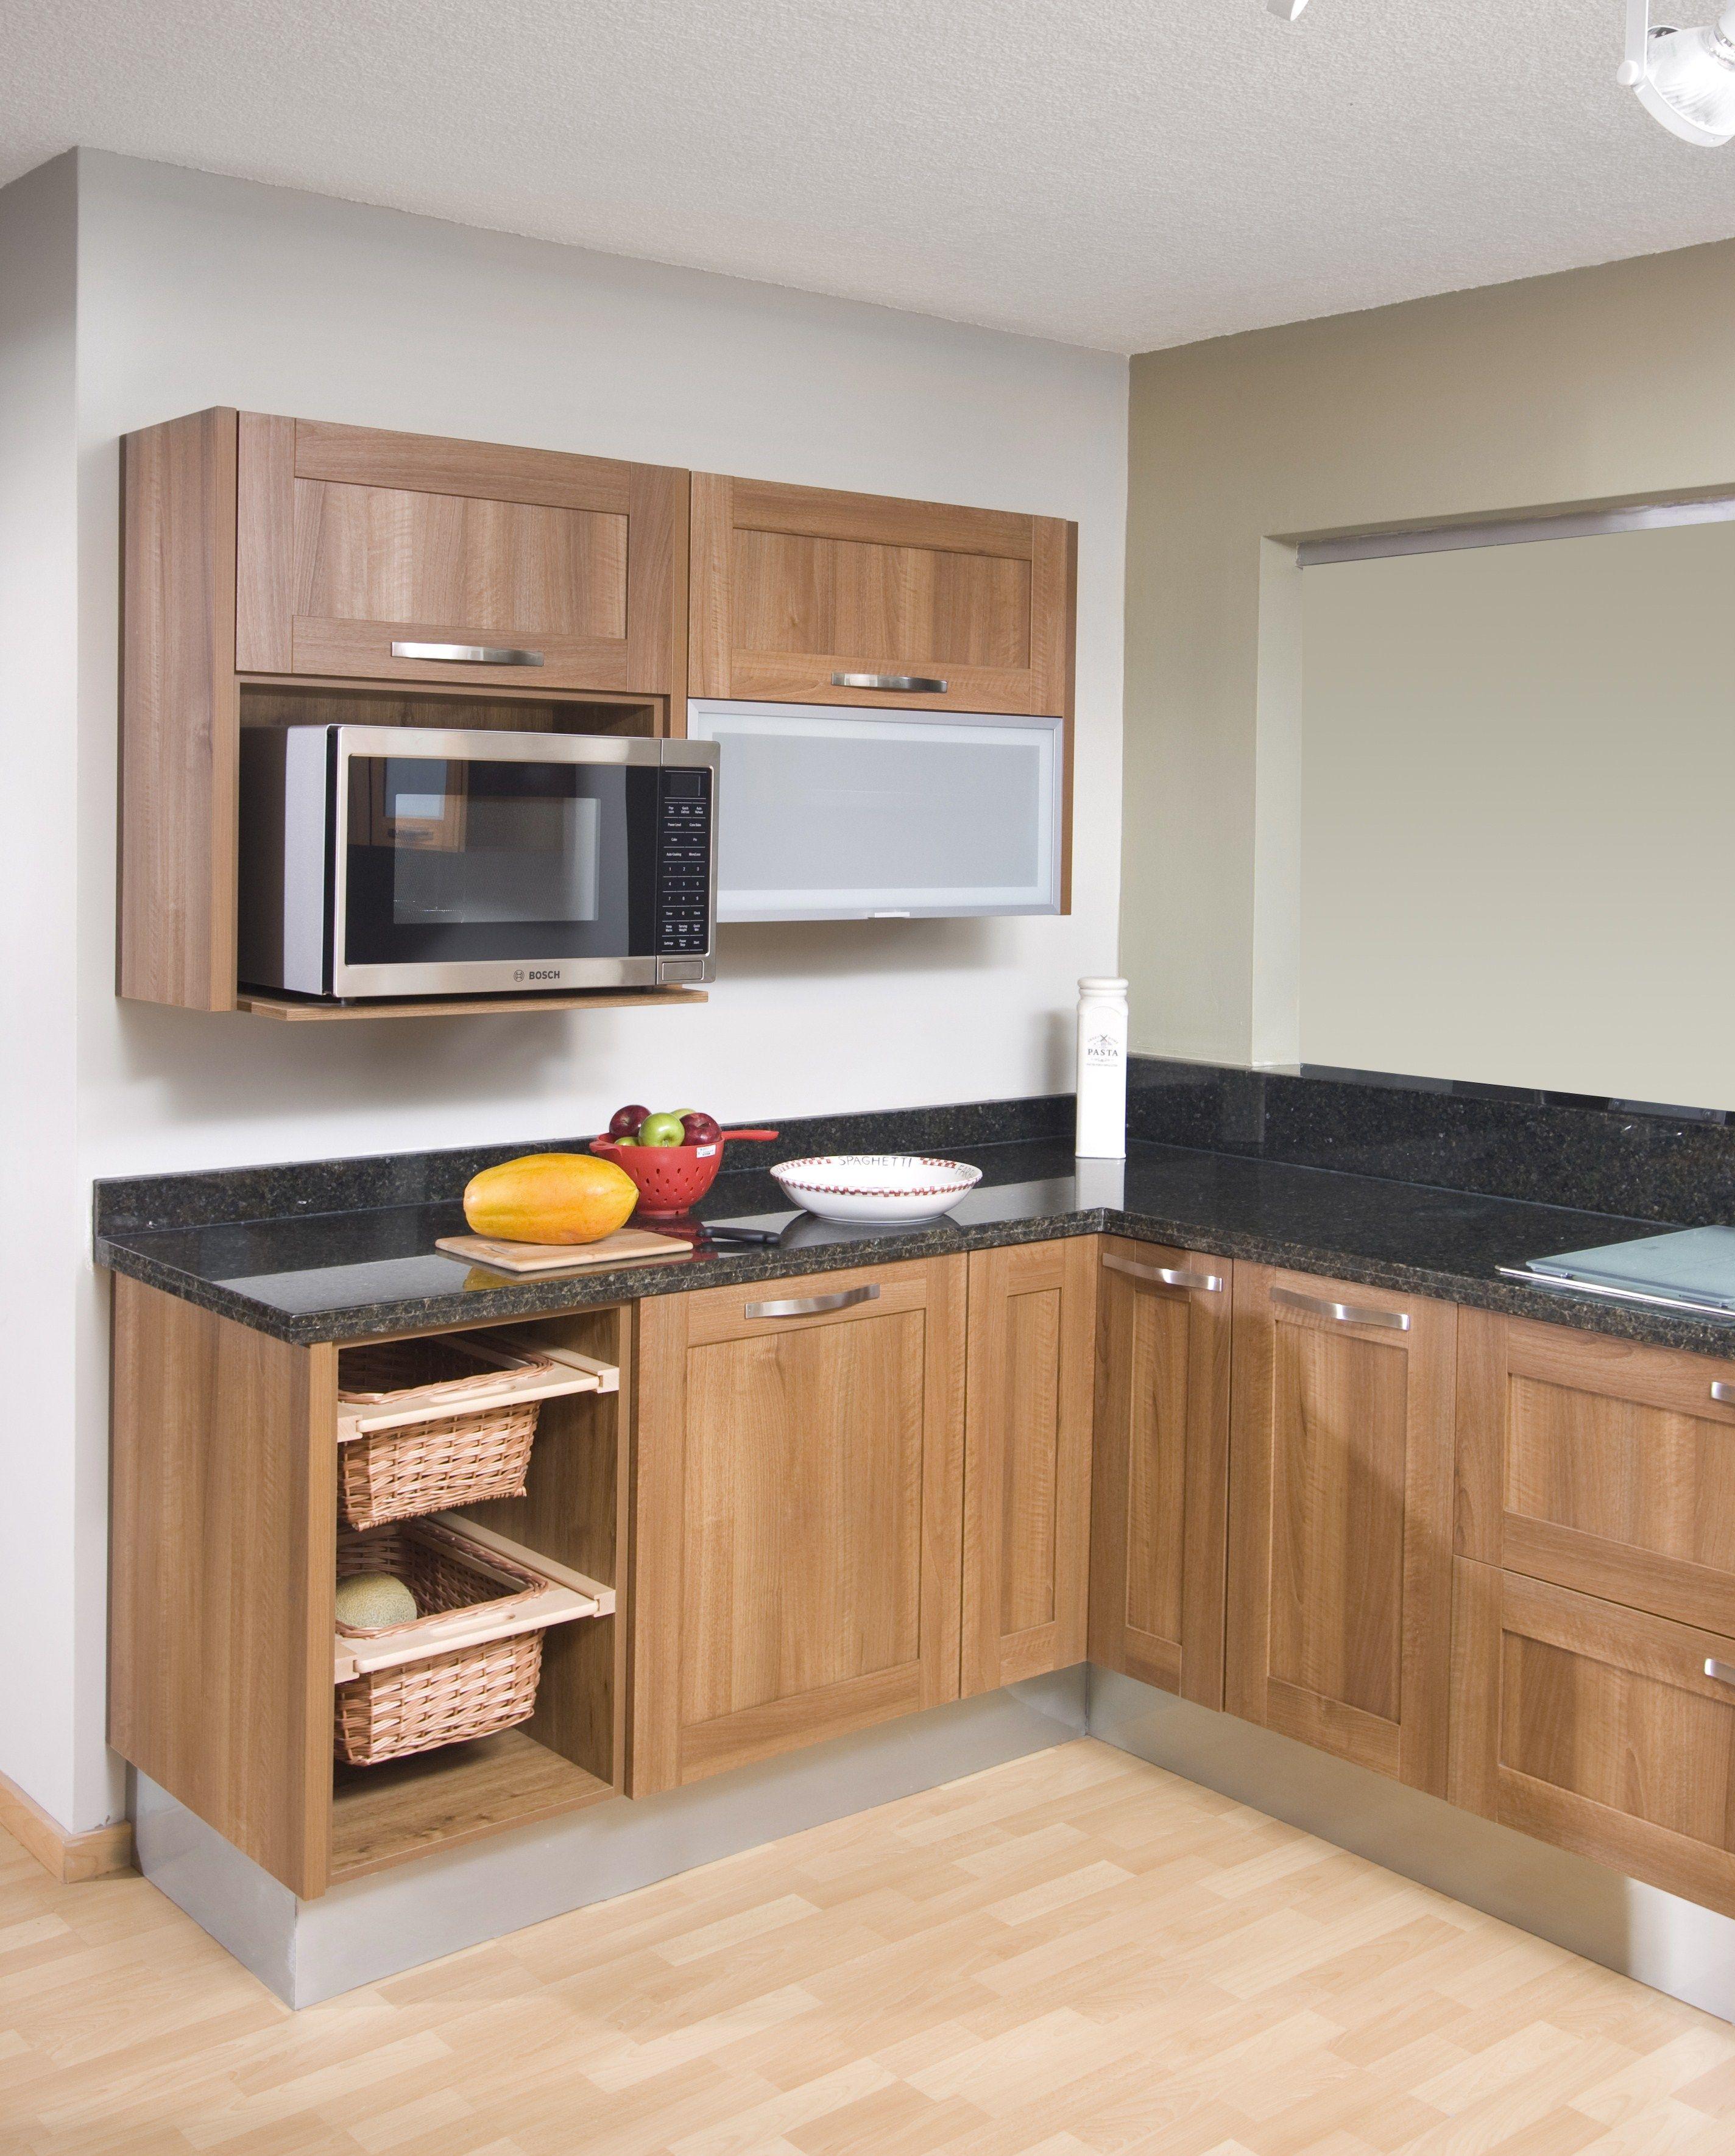 Diseño De Muebles Cocina Pequeñas | Diseño Mueble Cocina Con Madera ...